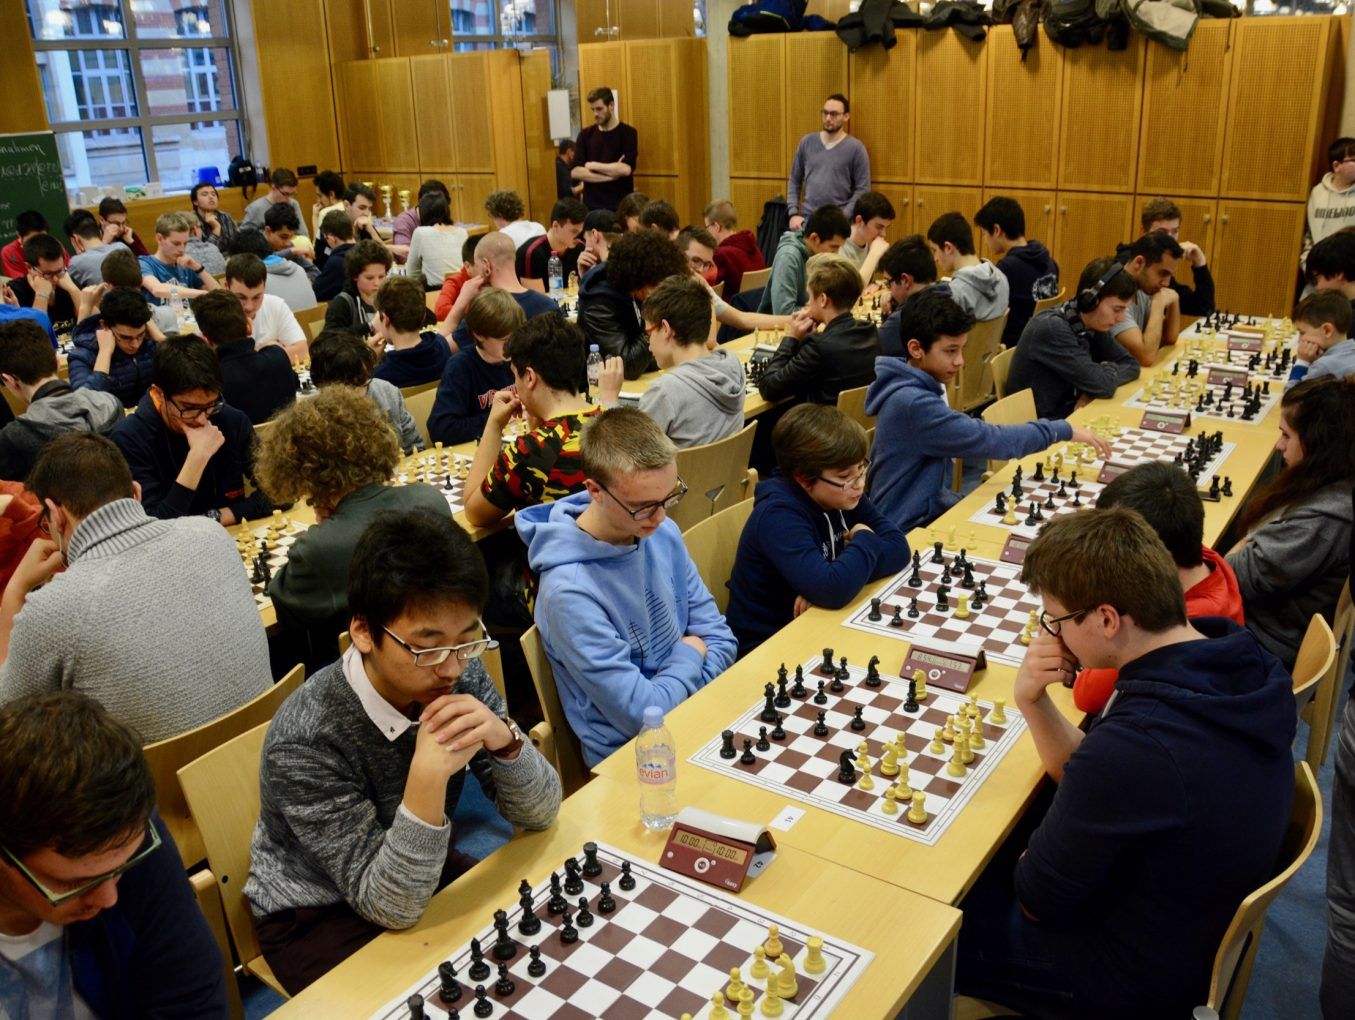 Tournoi d'échecs au LGL